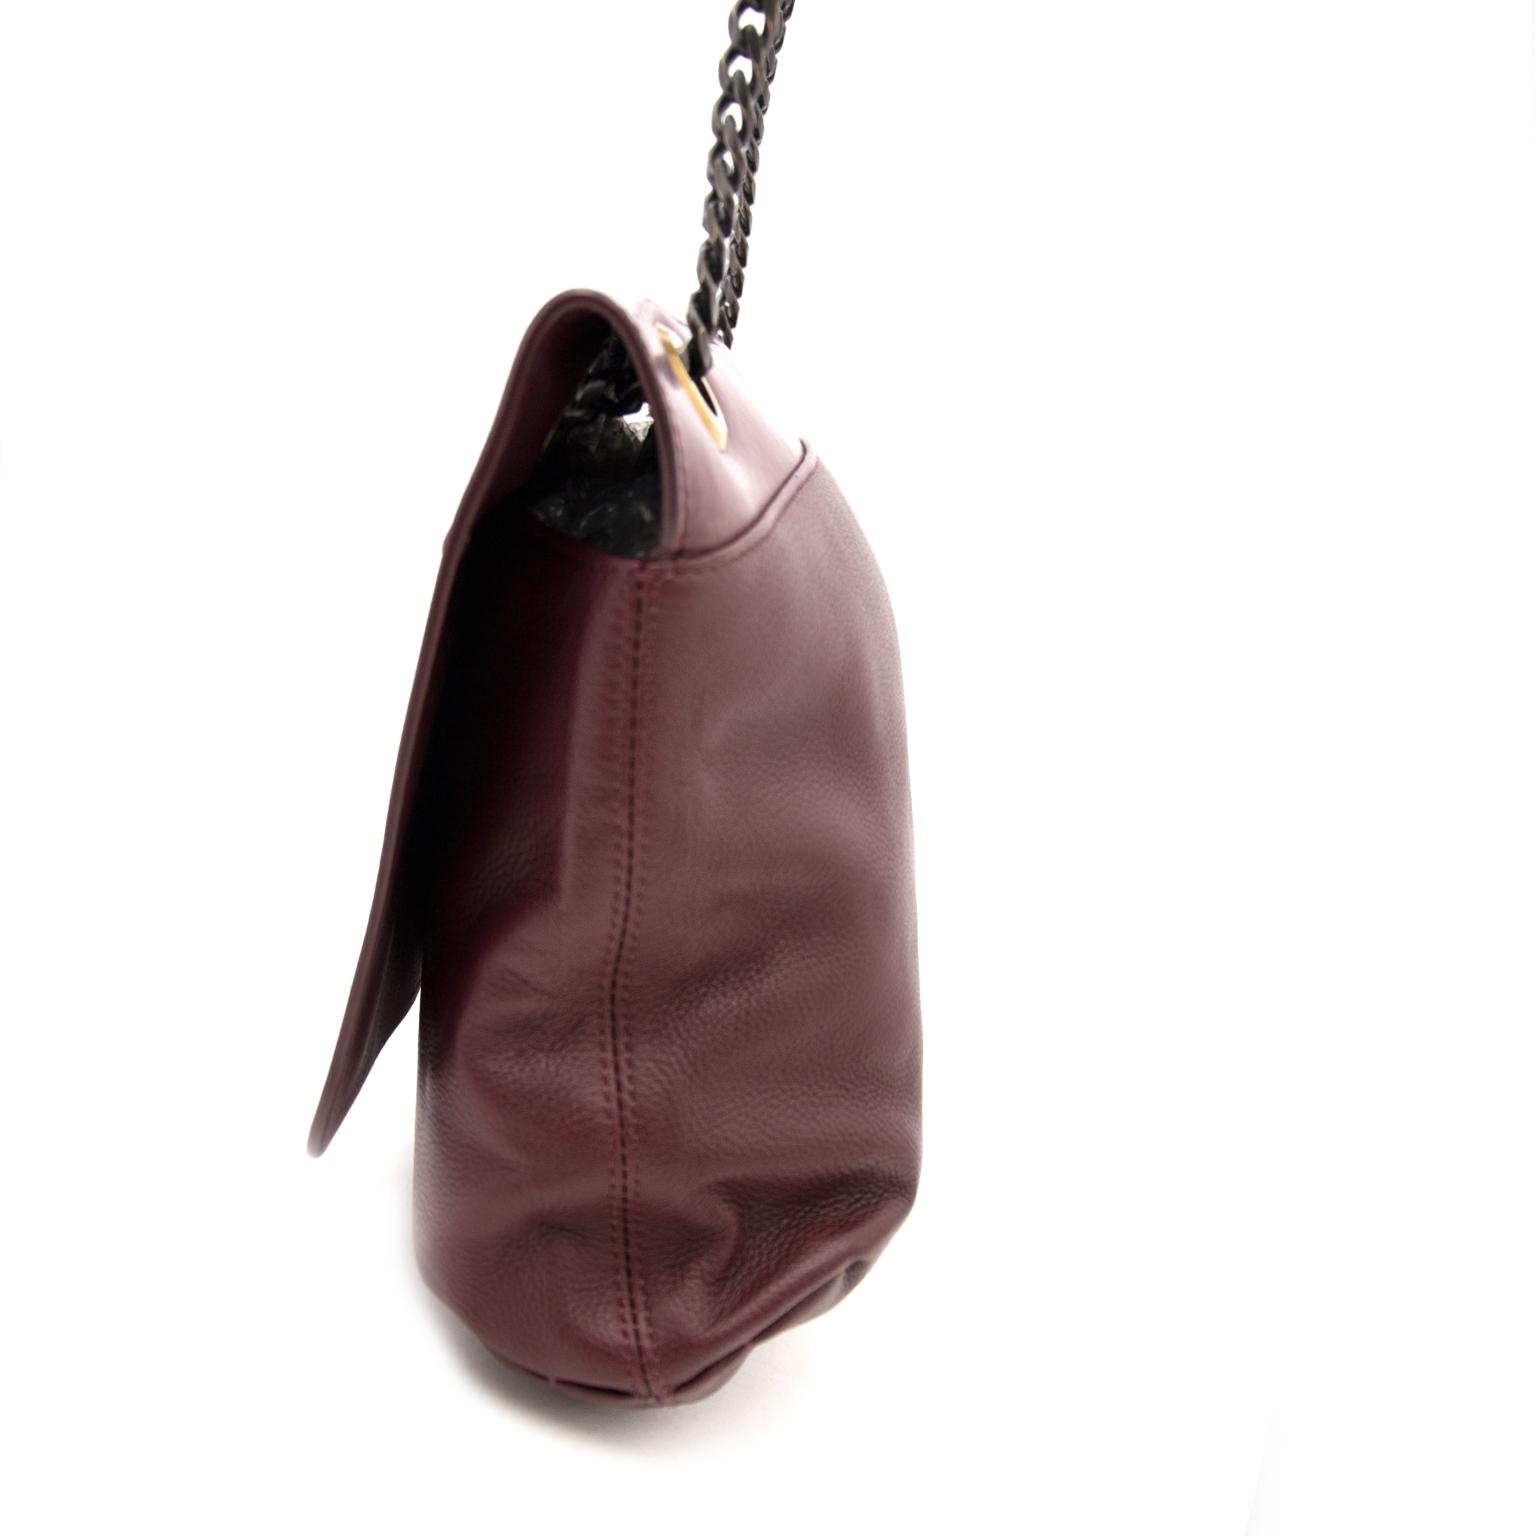 Lanvin Prune Happy Bag MM Uit Kalfsleder nu online op labellov.com tegen de beste prijs.